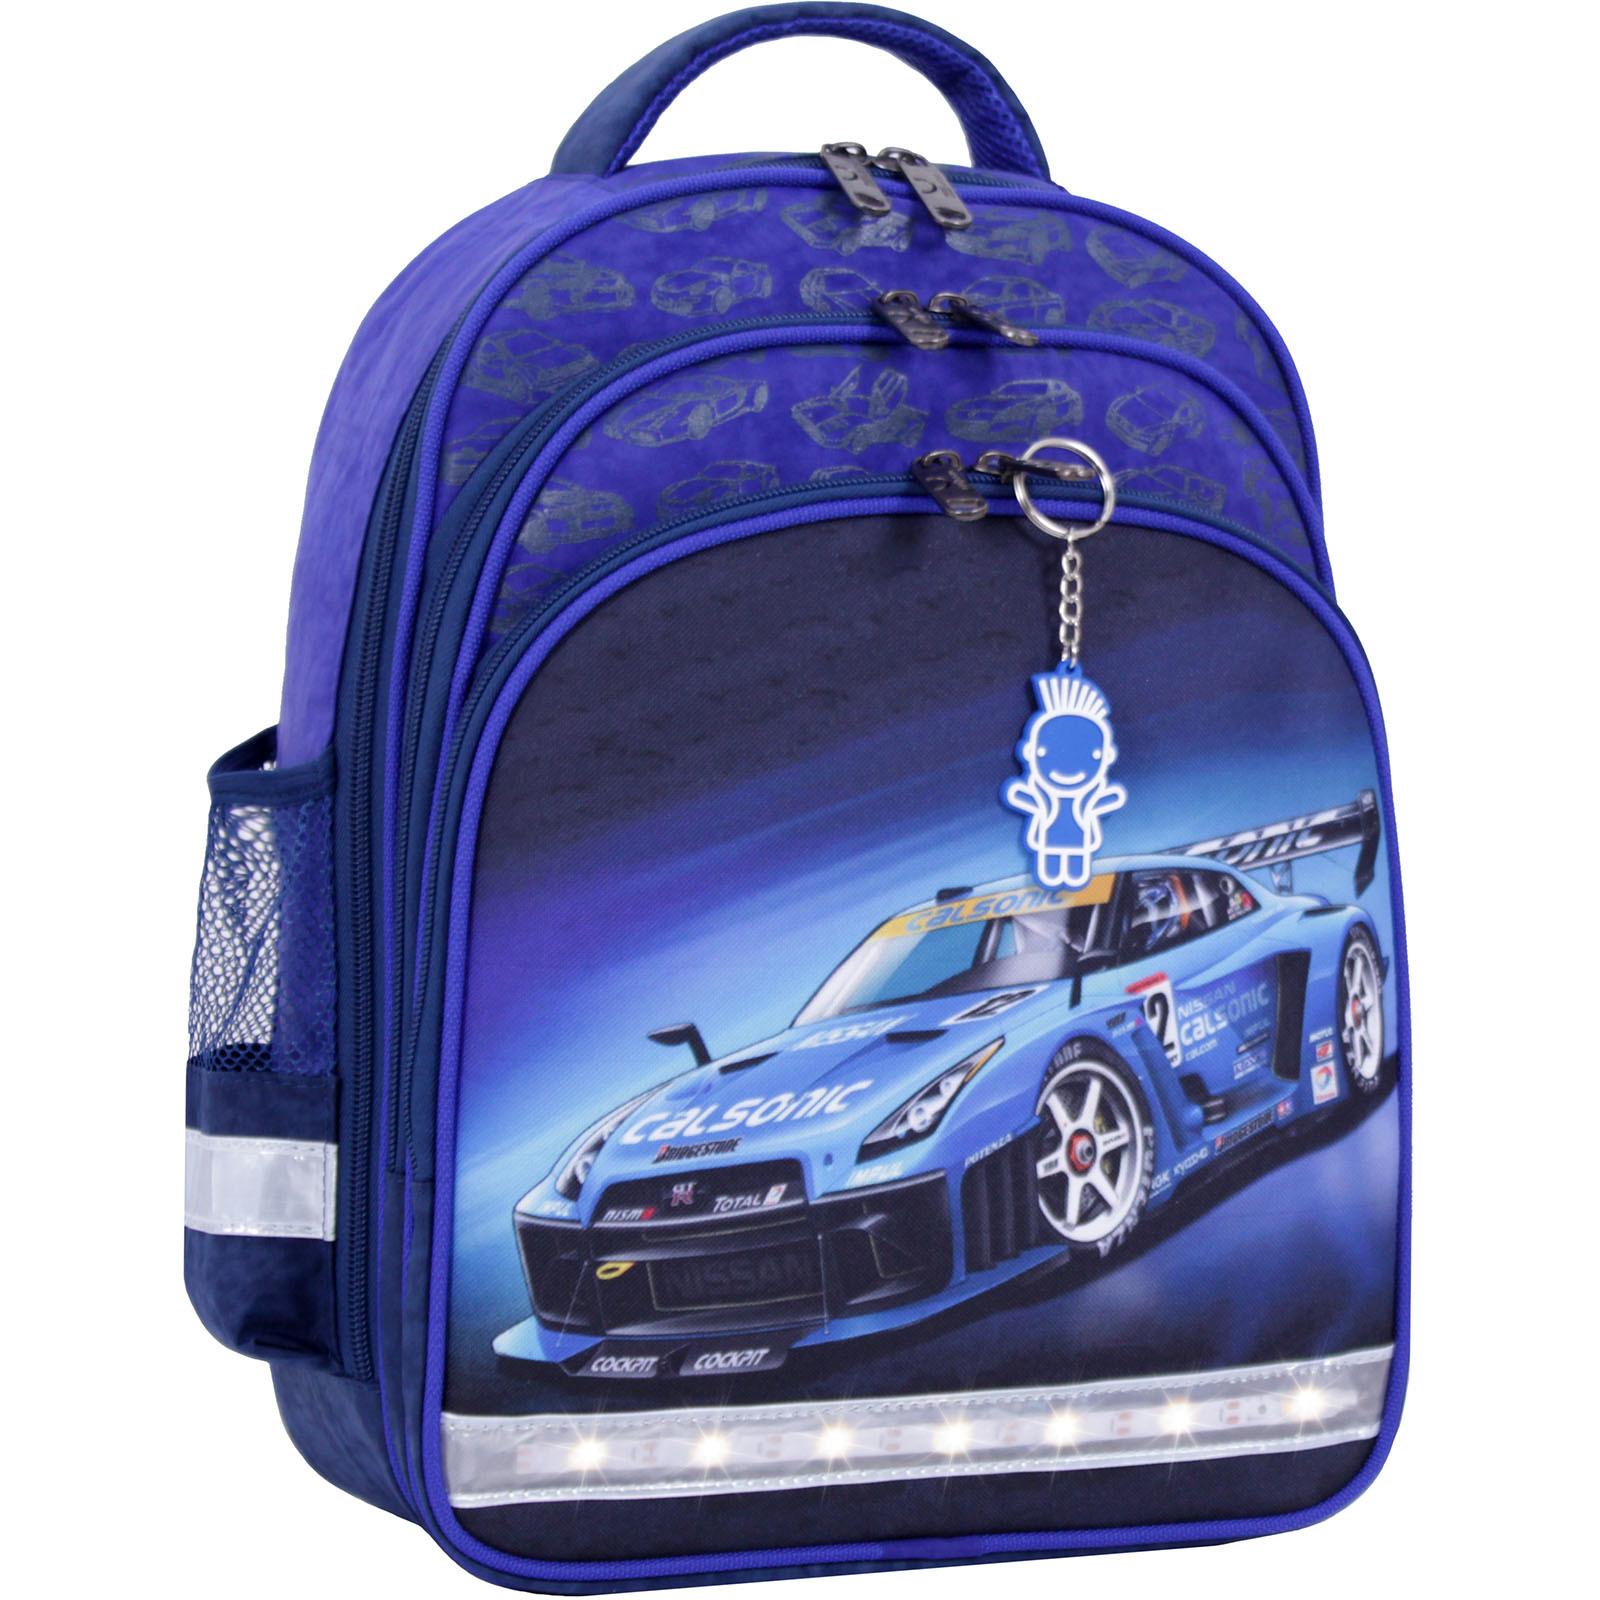 Для детей Рюкзак школьный Bagland Mouse 225 синий 56м (00513702) IMG_1460.JPG